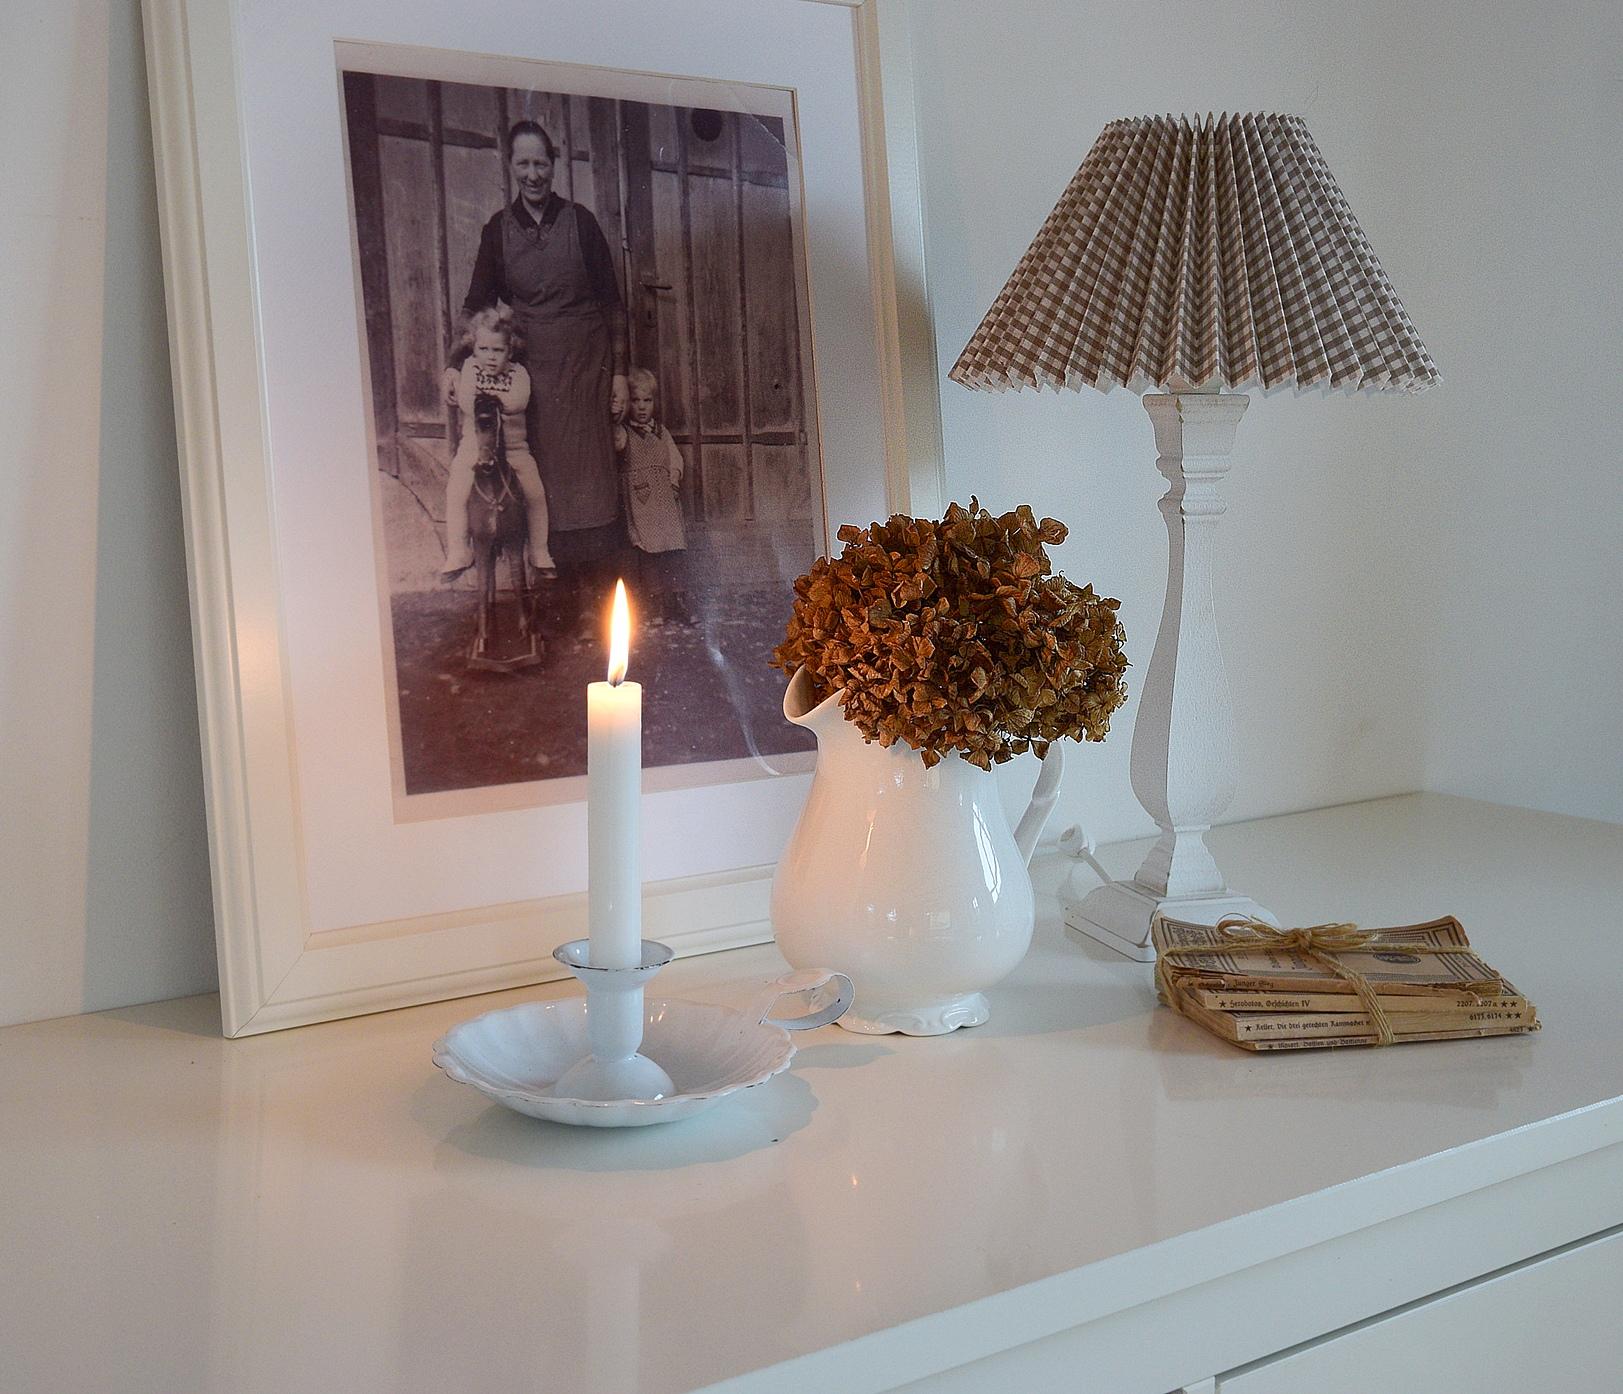 kuscheliges wohnzimmer mit decken und kissen von depot sch n bei dir by depot. Black Bedroom Furniture Sets. Home Design Ideas